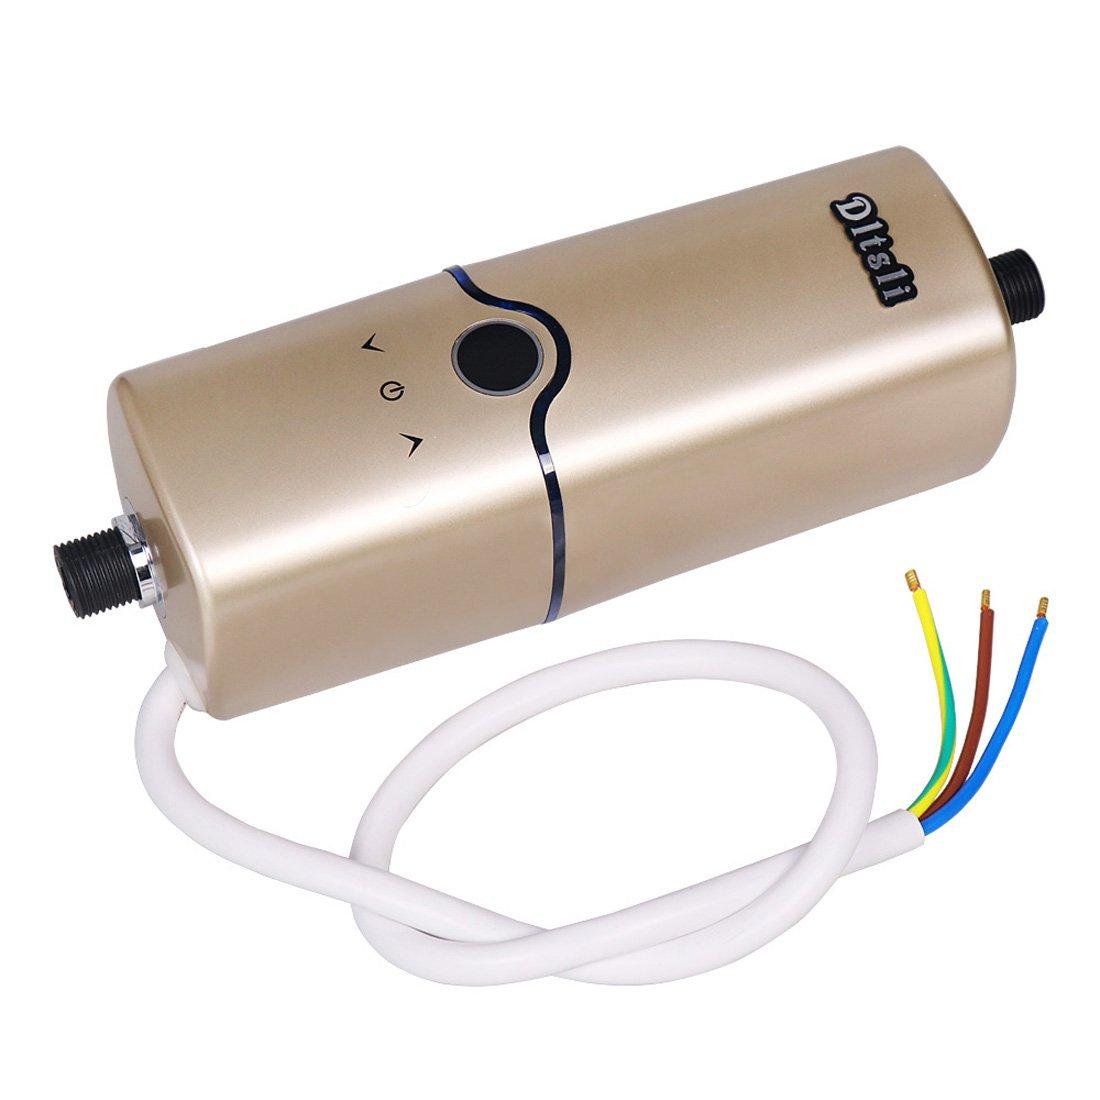 Chauffe-eau instantan/é chaud instantan/é de leau 240V 4 niveaux de puissance 5.5KW 5KW 4.5KW 3.5KW pour la couleur de salle de bains de cuisine dor